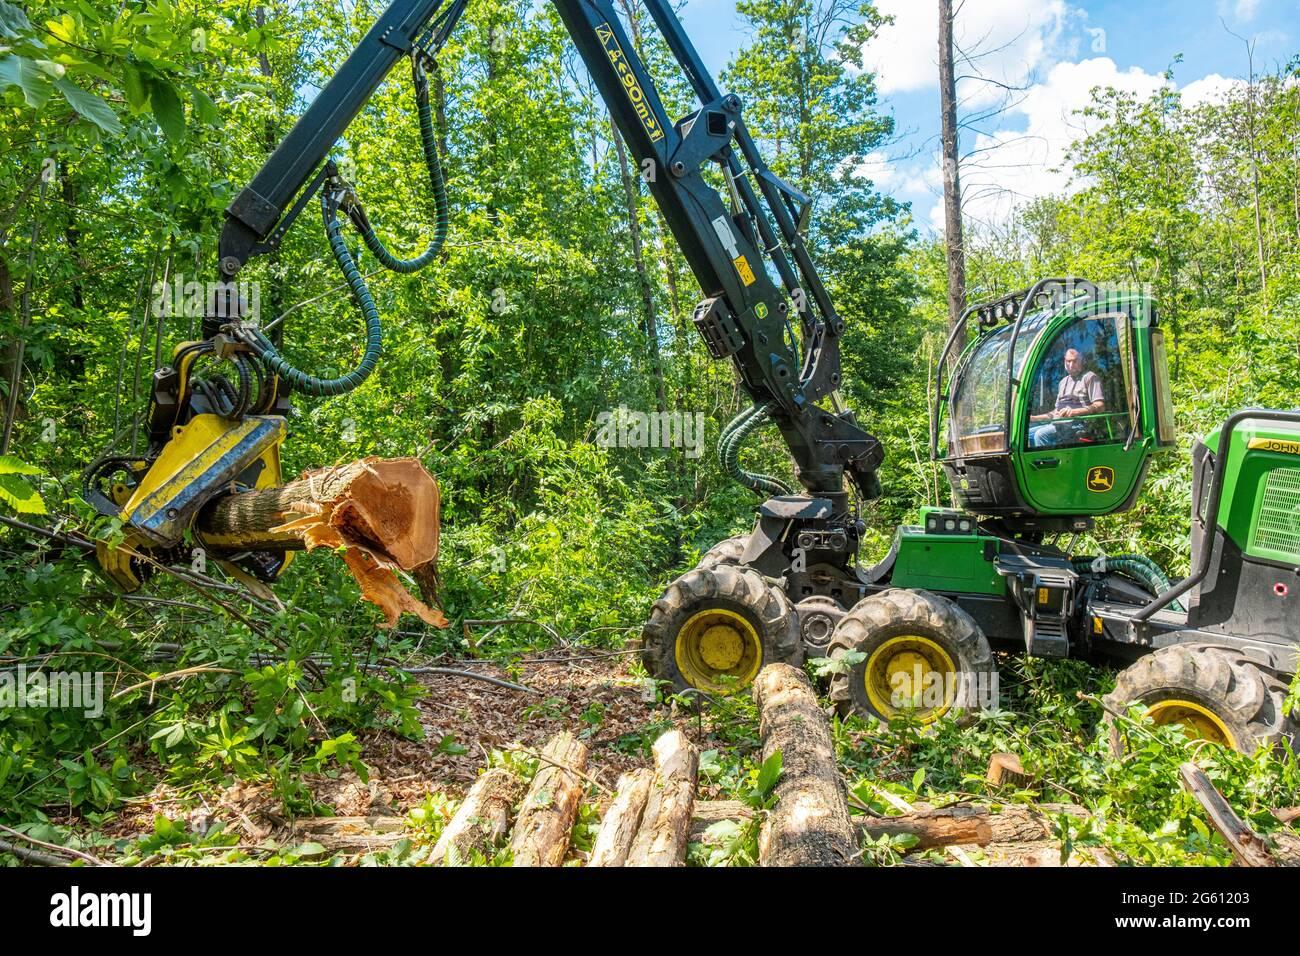 France, Val d'Oise, Forêt de Montmorency, châtaigniers abattant des châtaignes morts de la maladie de l'encre Banque D'Images